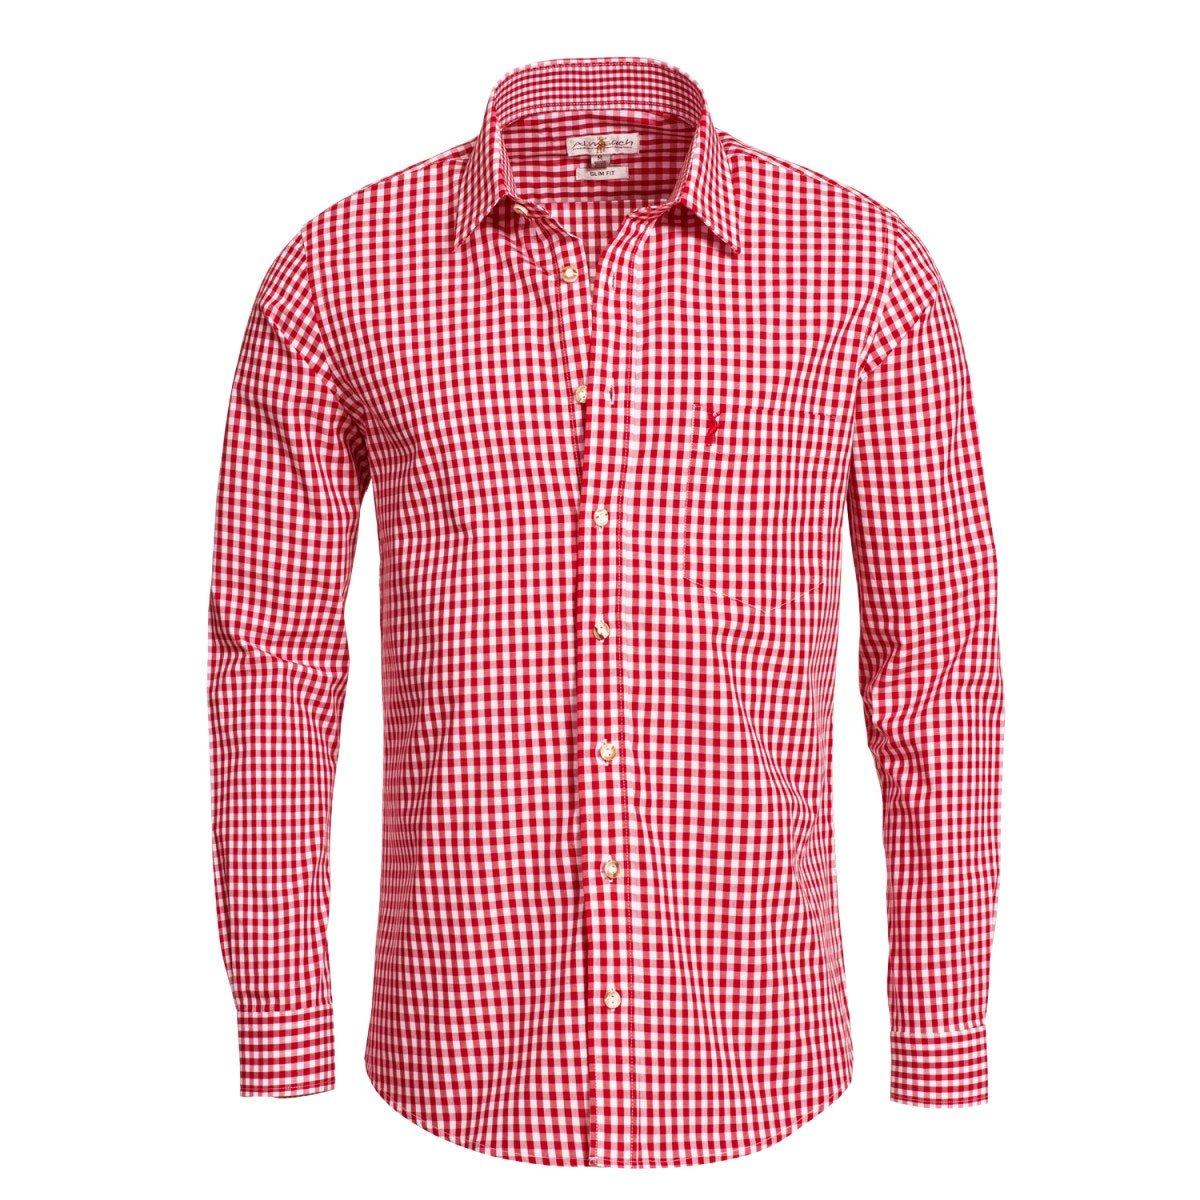 Almsach Herren Trachten-Mode Trachtenhemd Slimline Liberto in Rot inkl. Volksfestfinder Traditionell